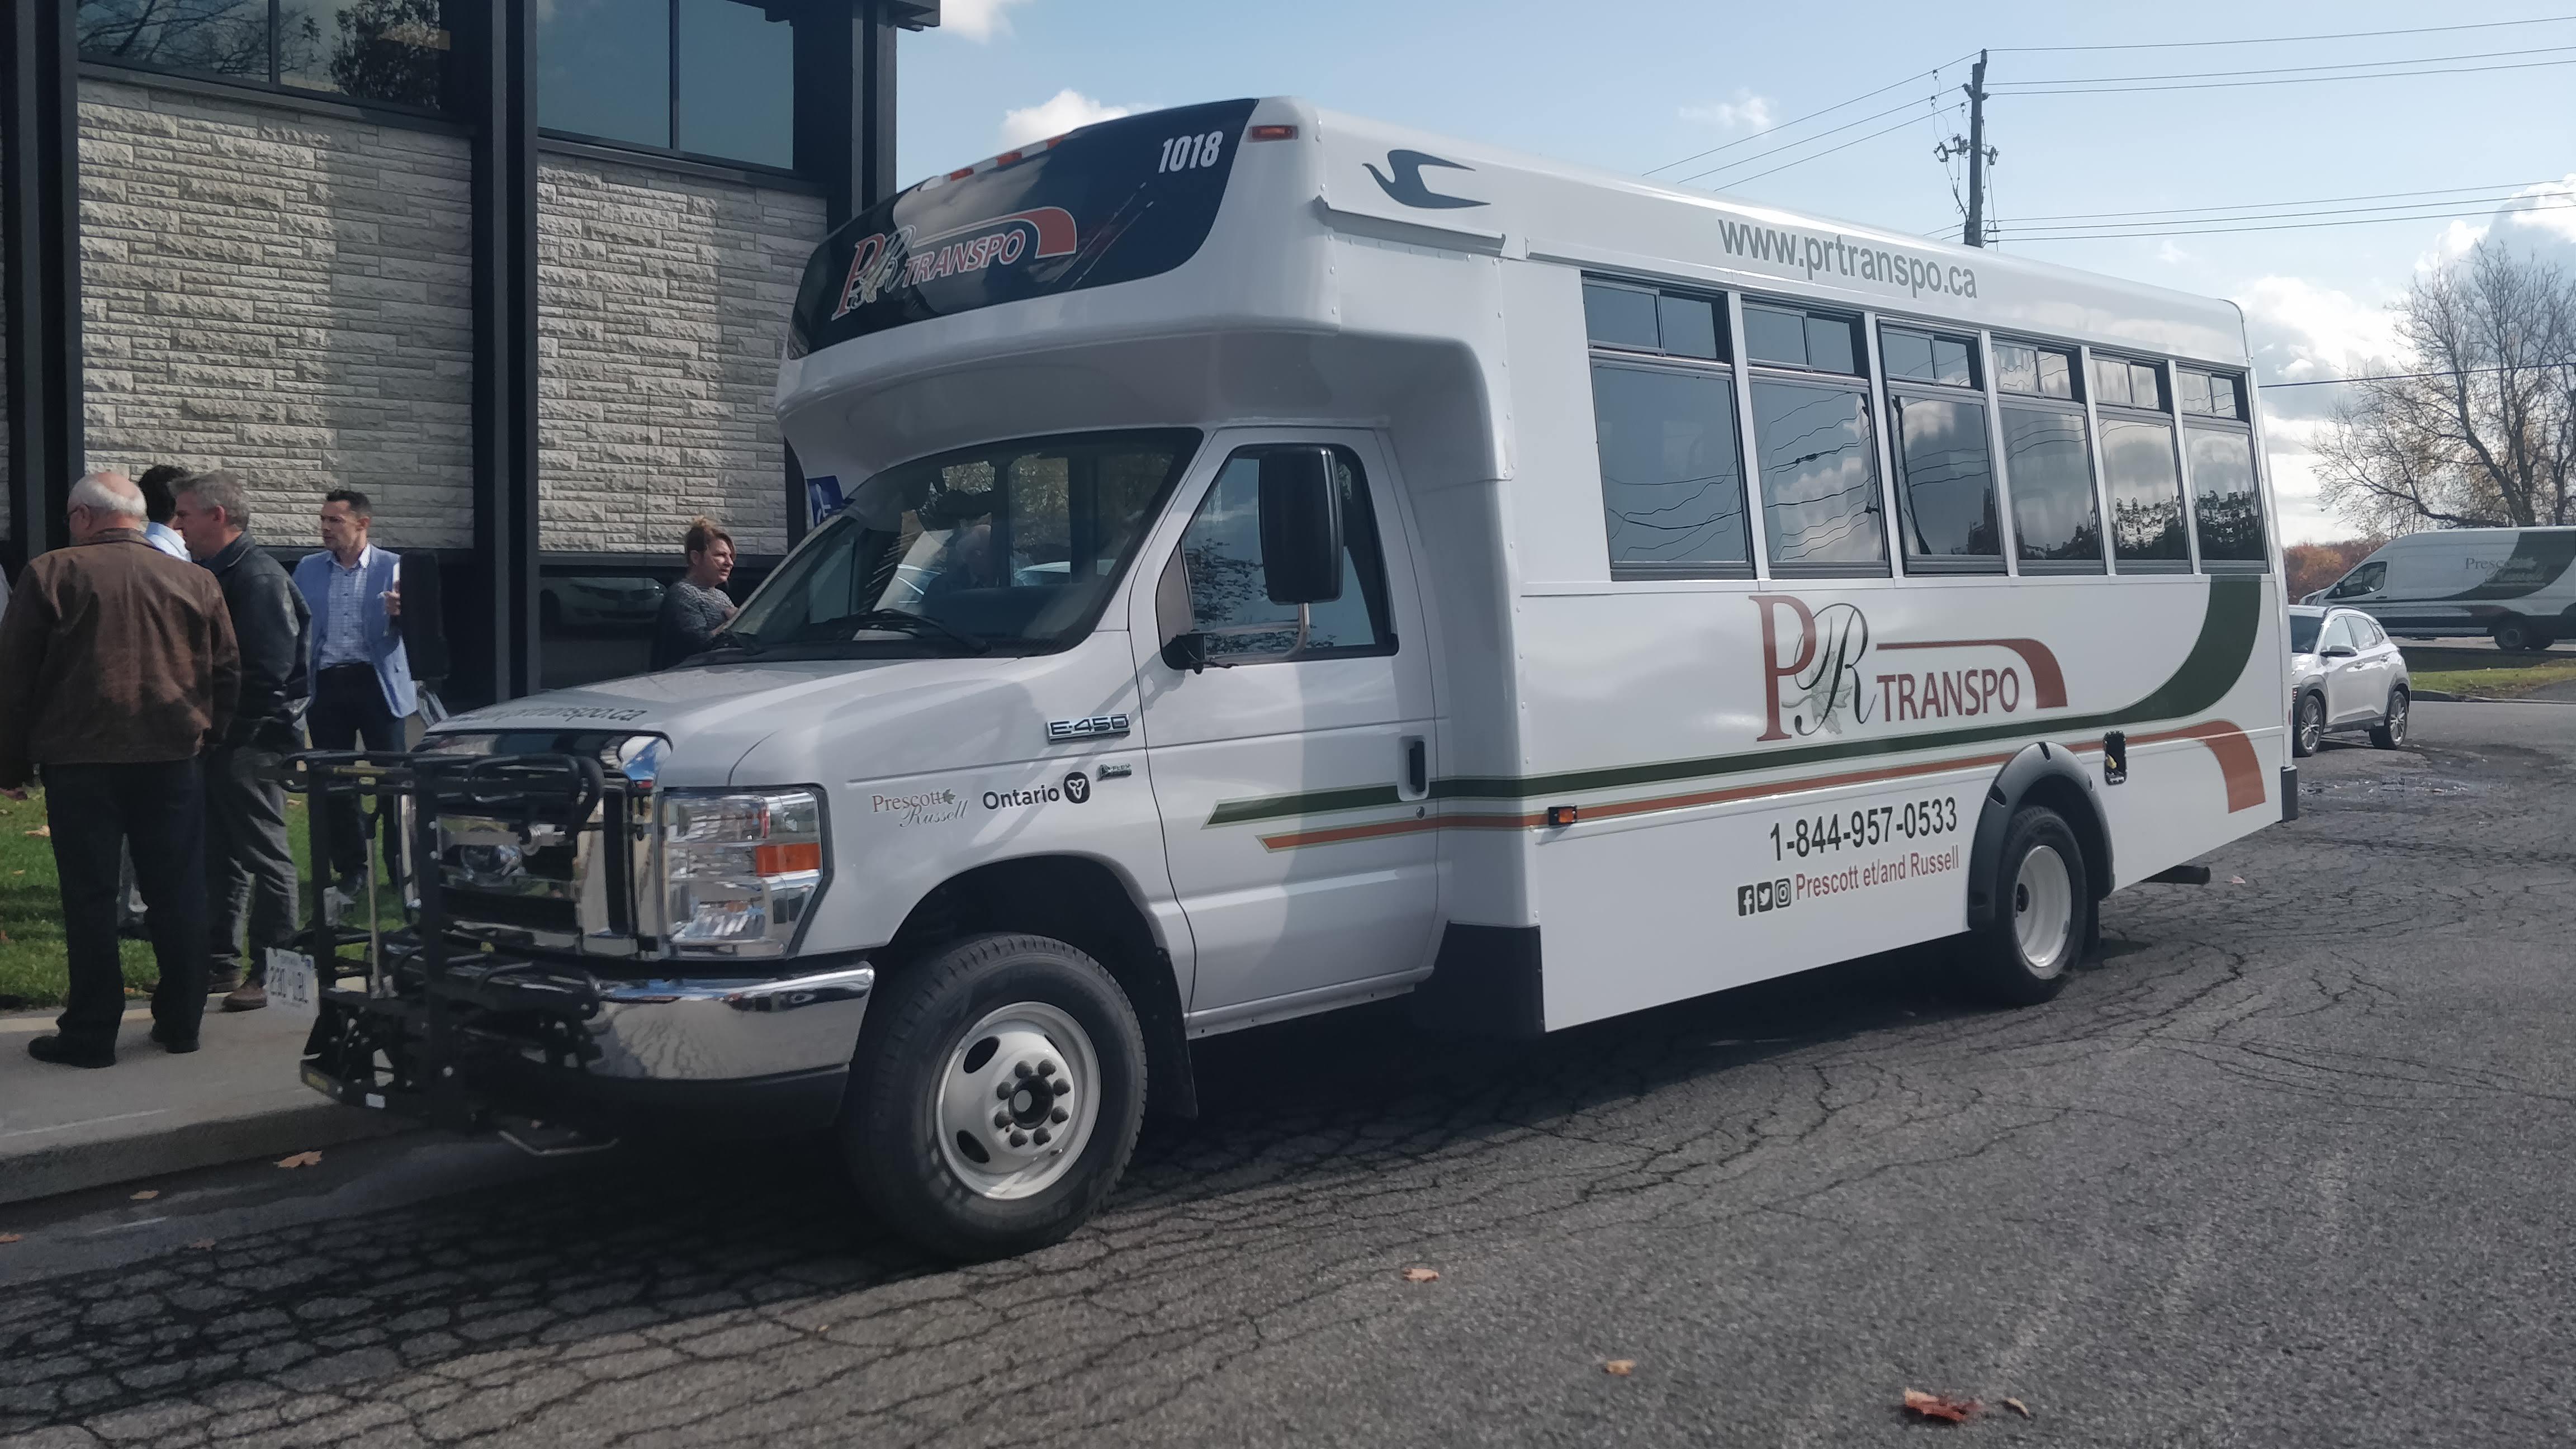 Autobus PR Transpo